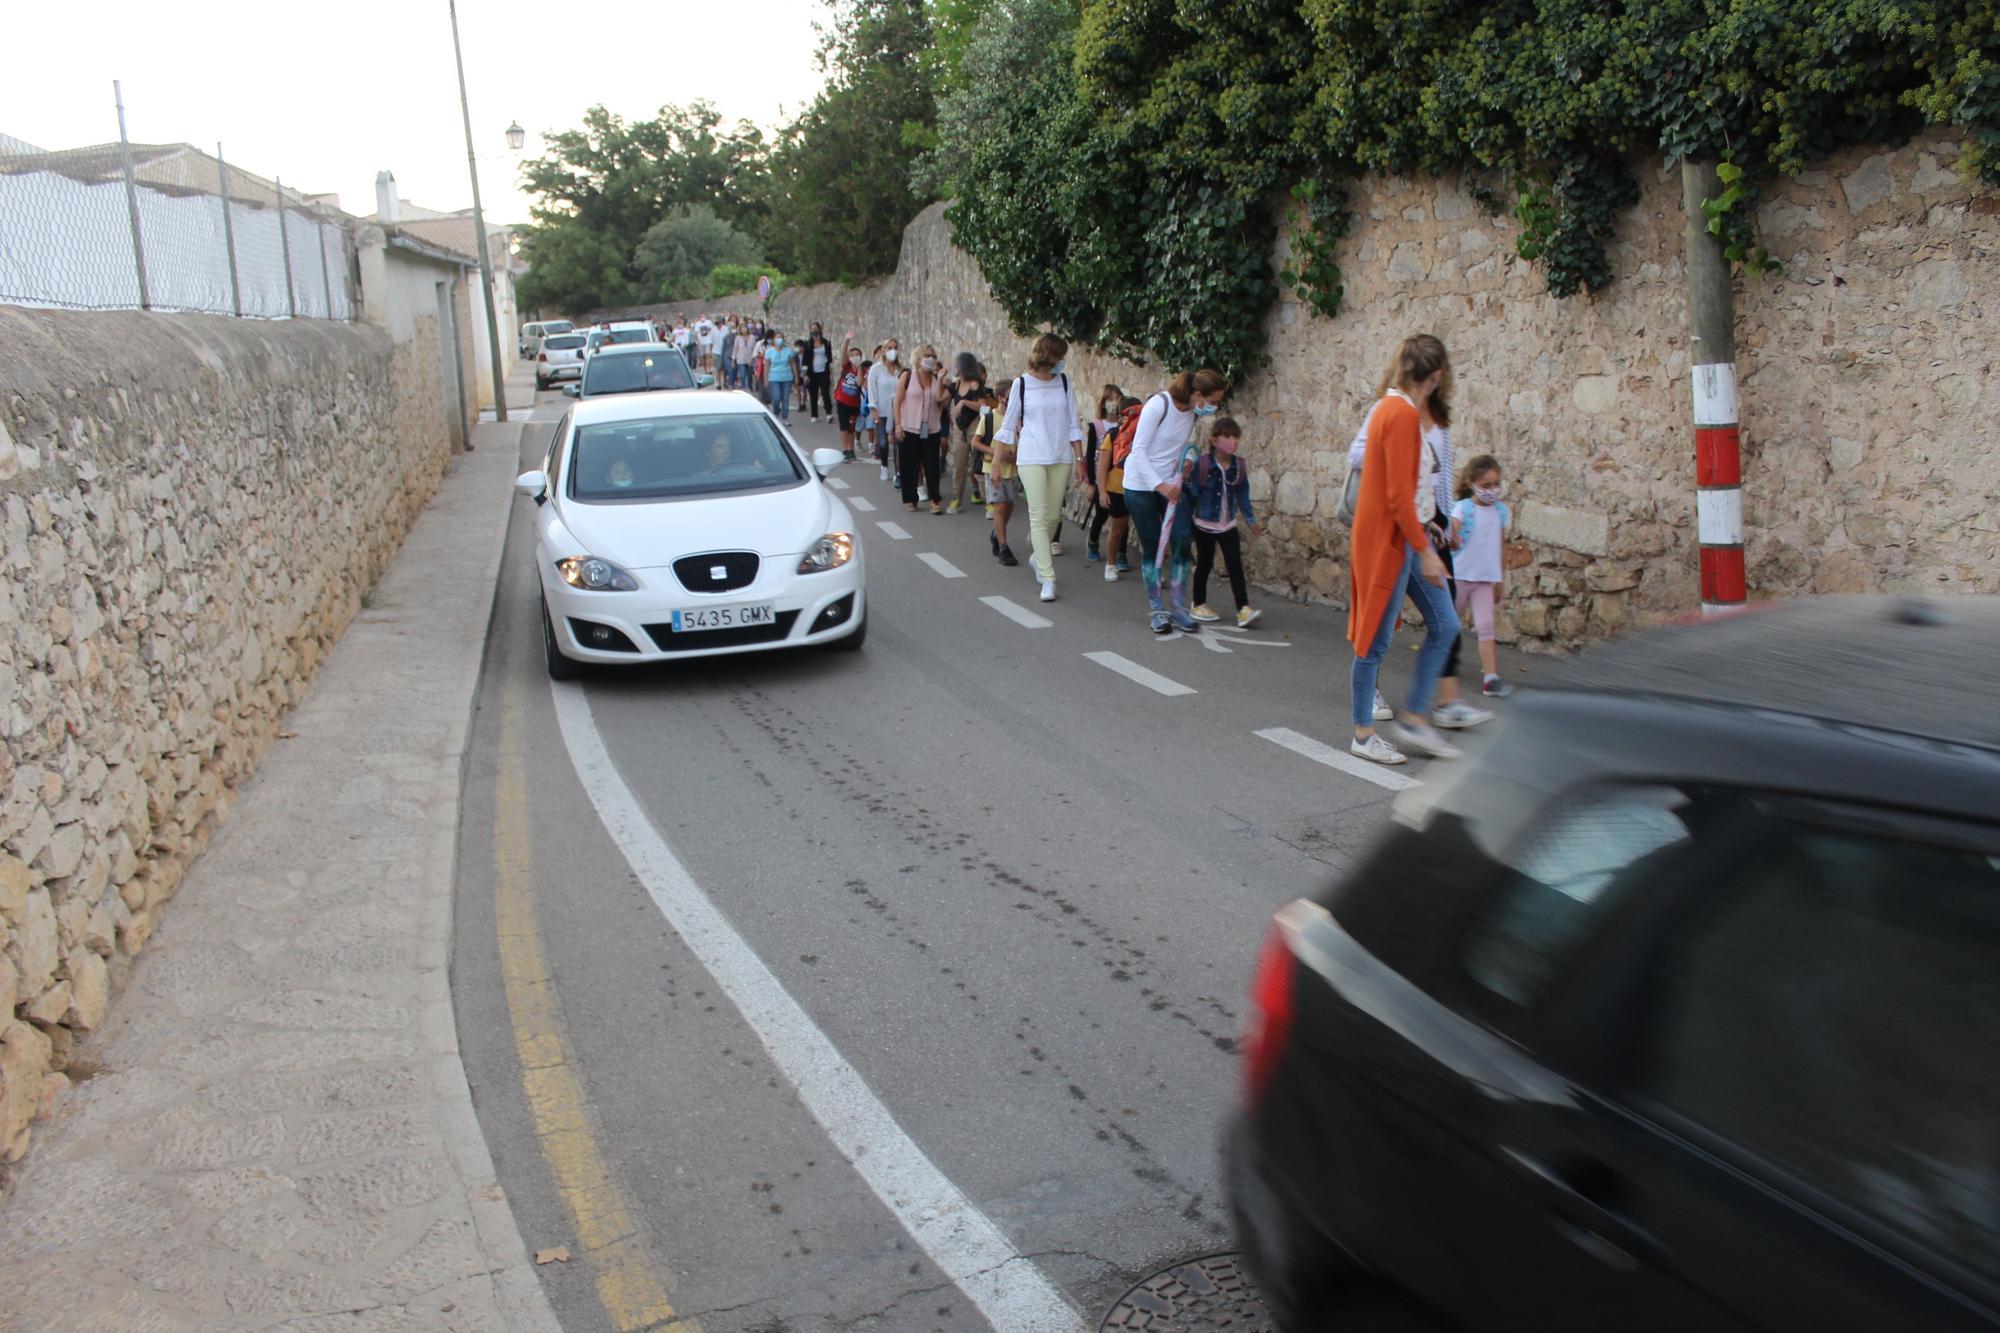 La comunidad educativa del colegio Pedra Viva de Binissalem exige caminos seguros